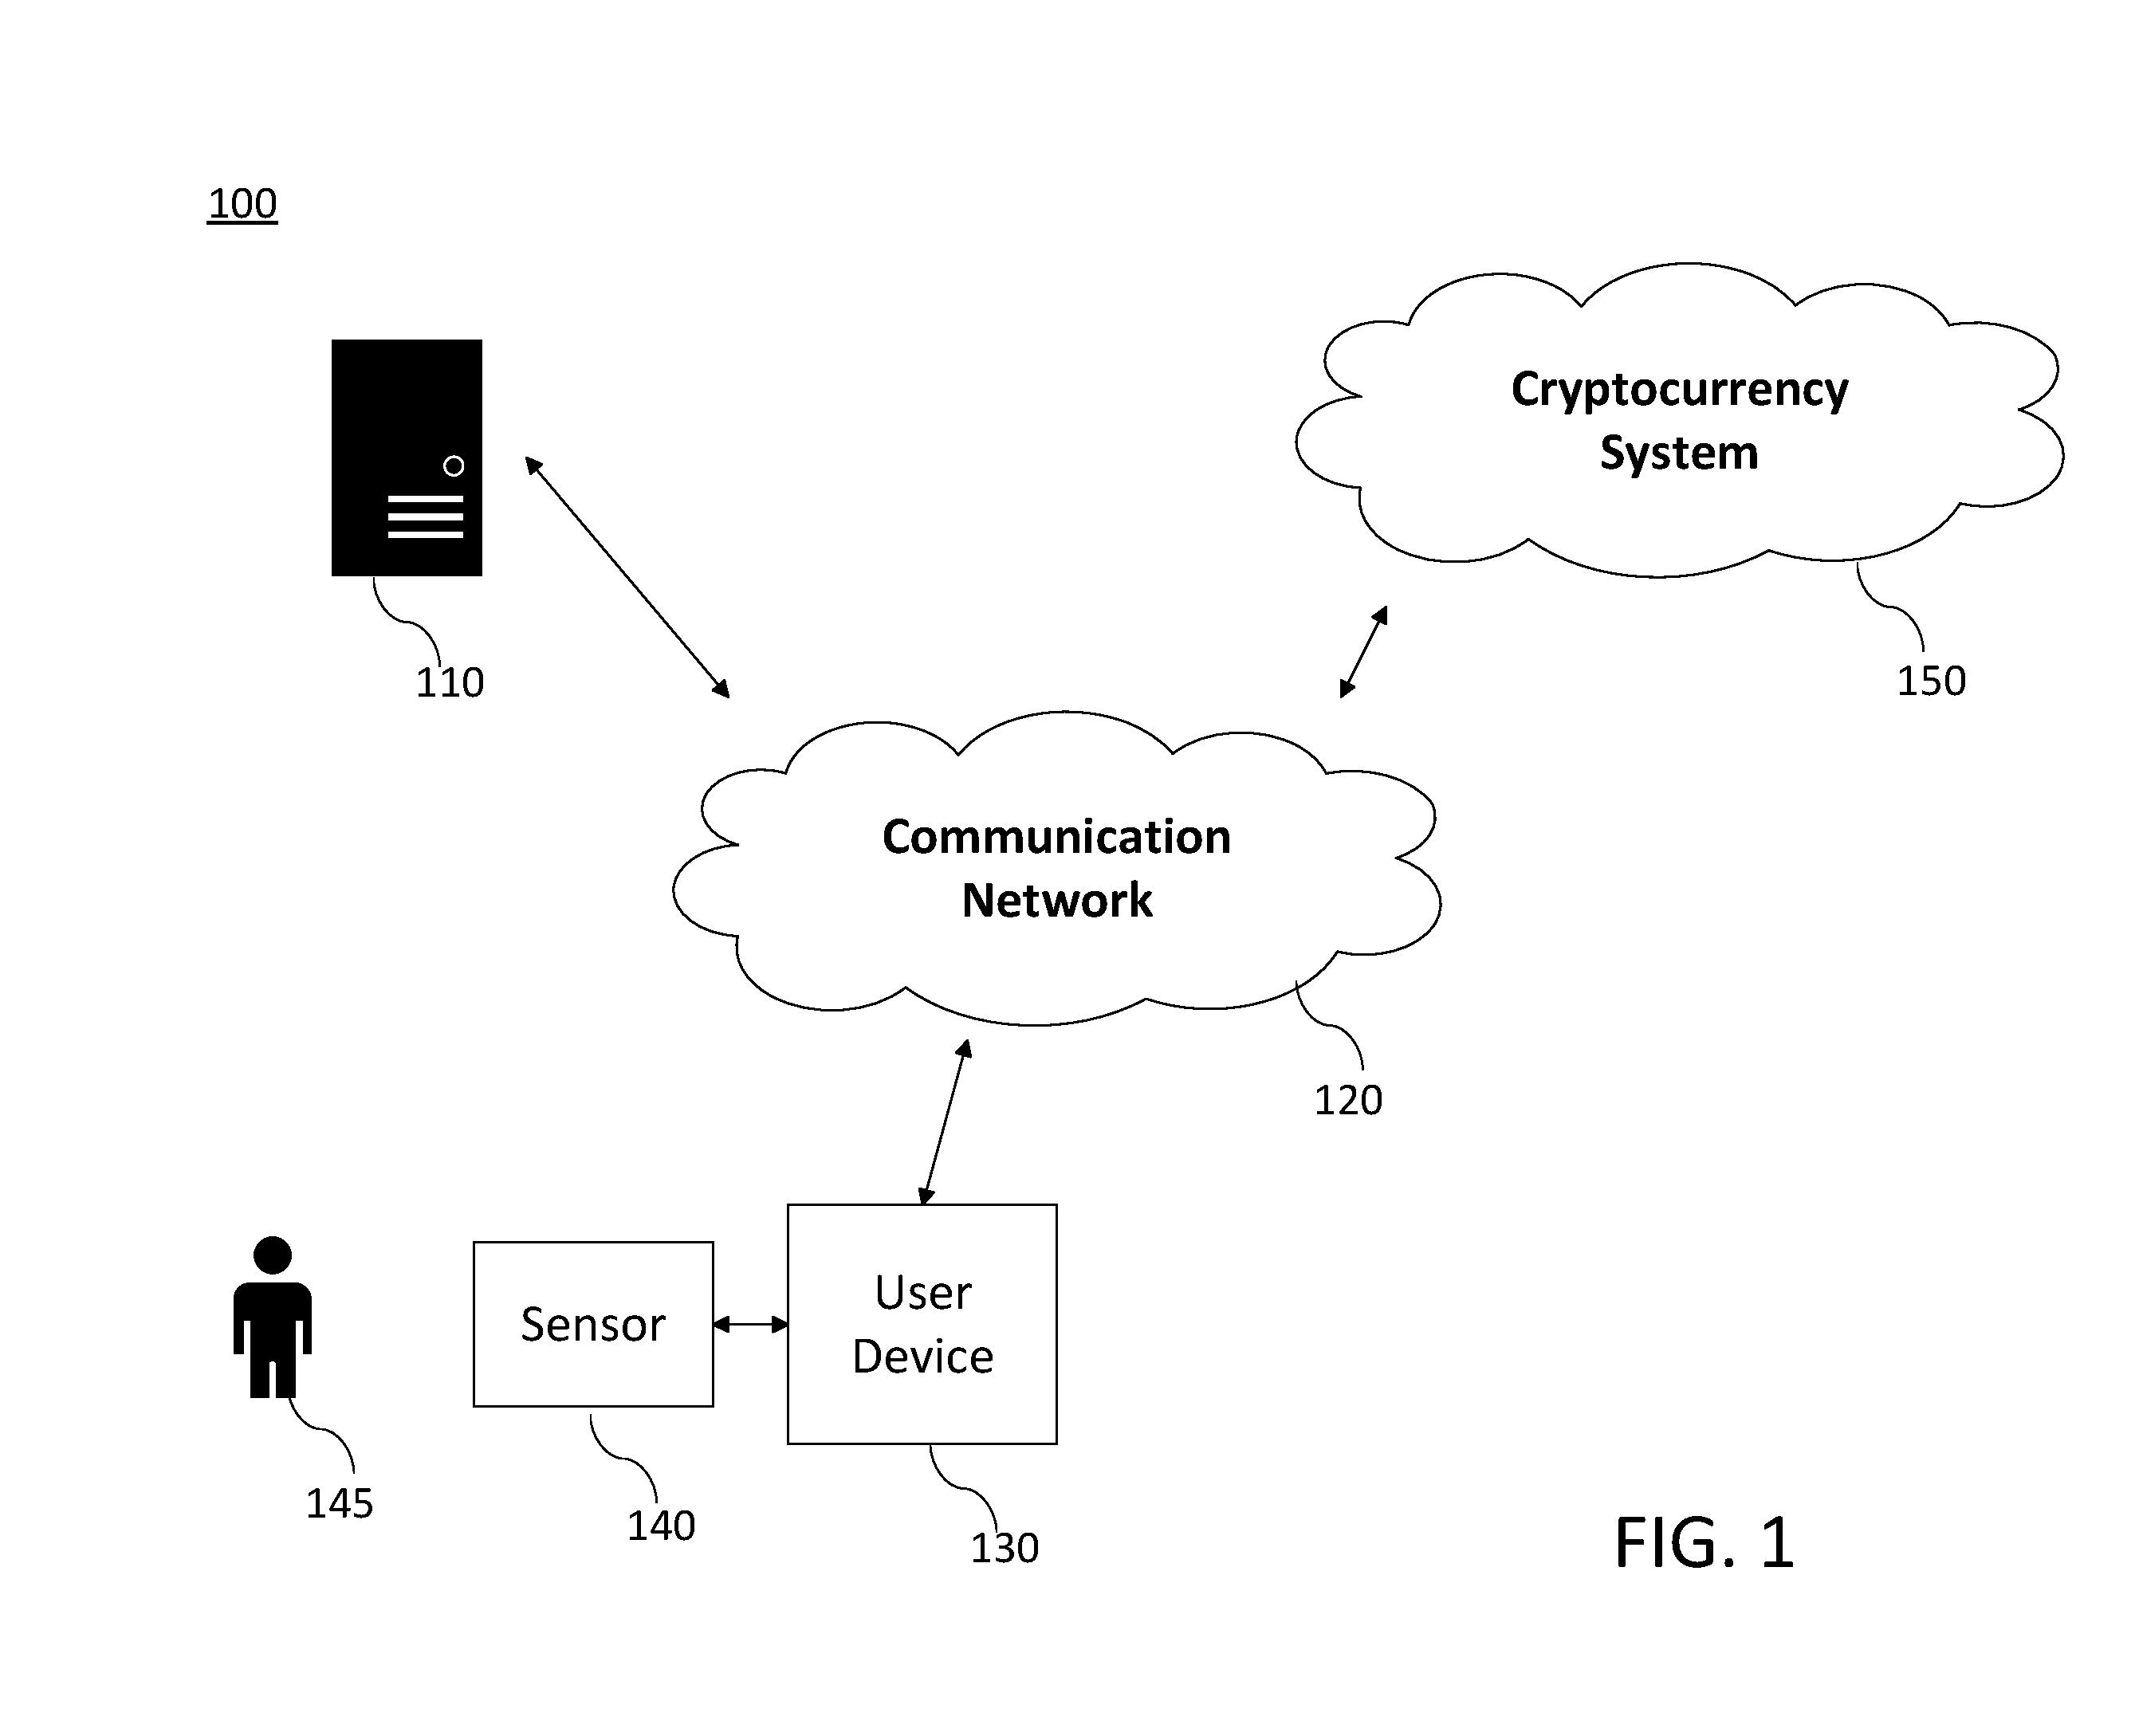 Esquema de mineração proposto no registro de patente